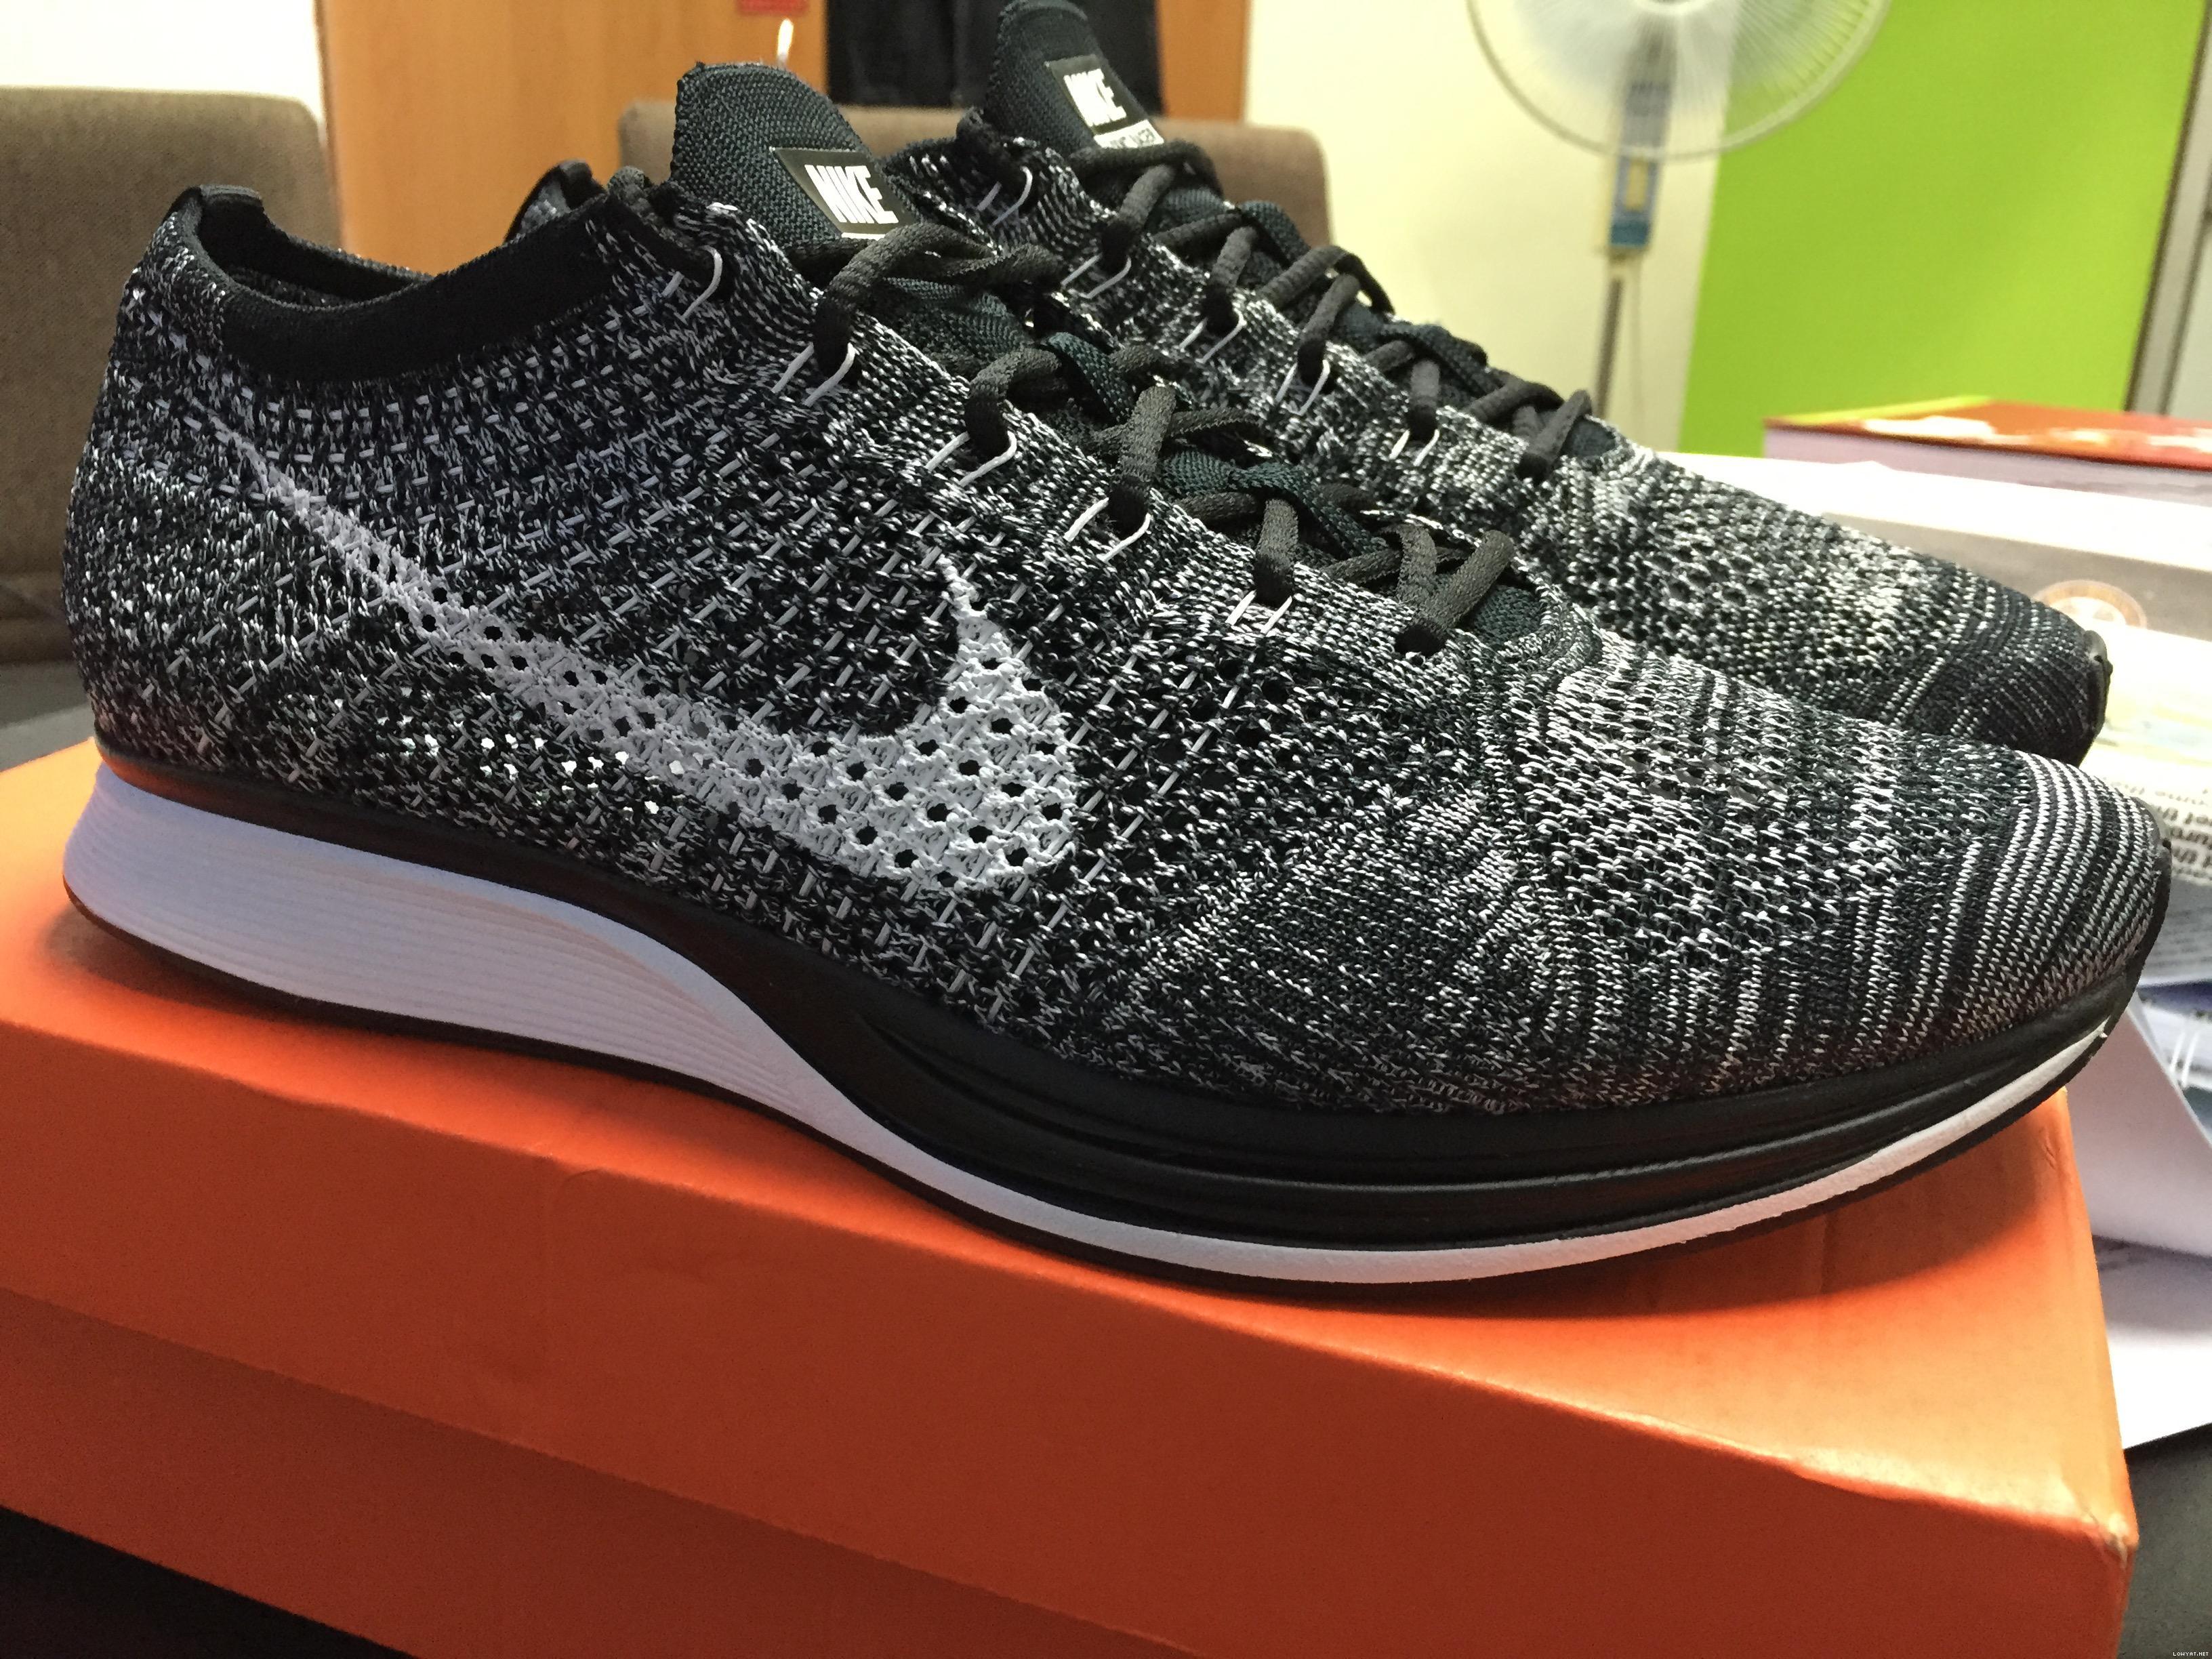 Nike Flyknit Corredor De Oreo 2.0 Malaysia Today dGNEU3vOXs